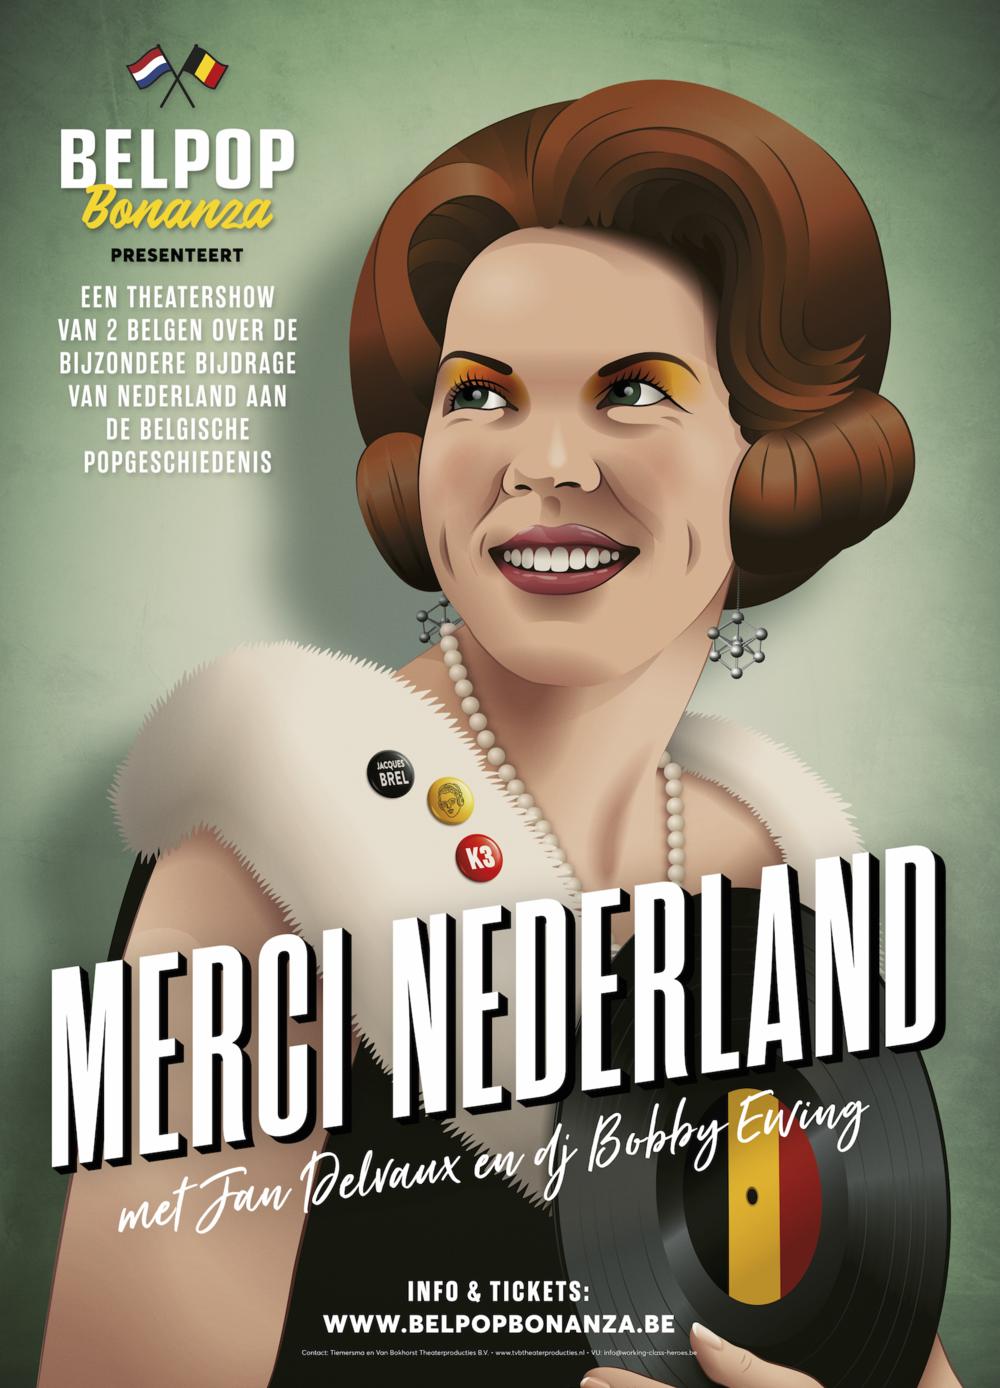 affiche_merci_nederland.png